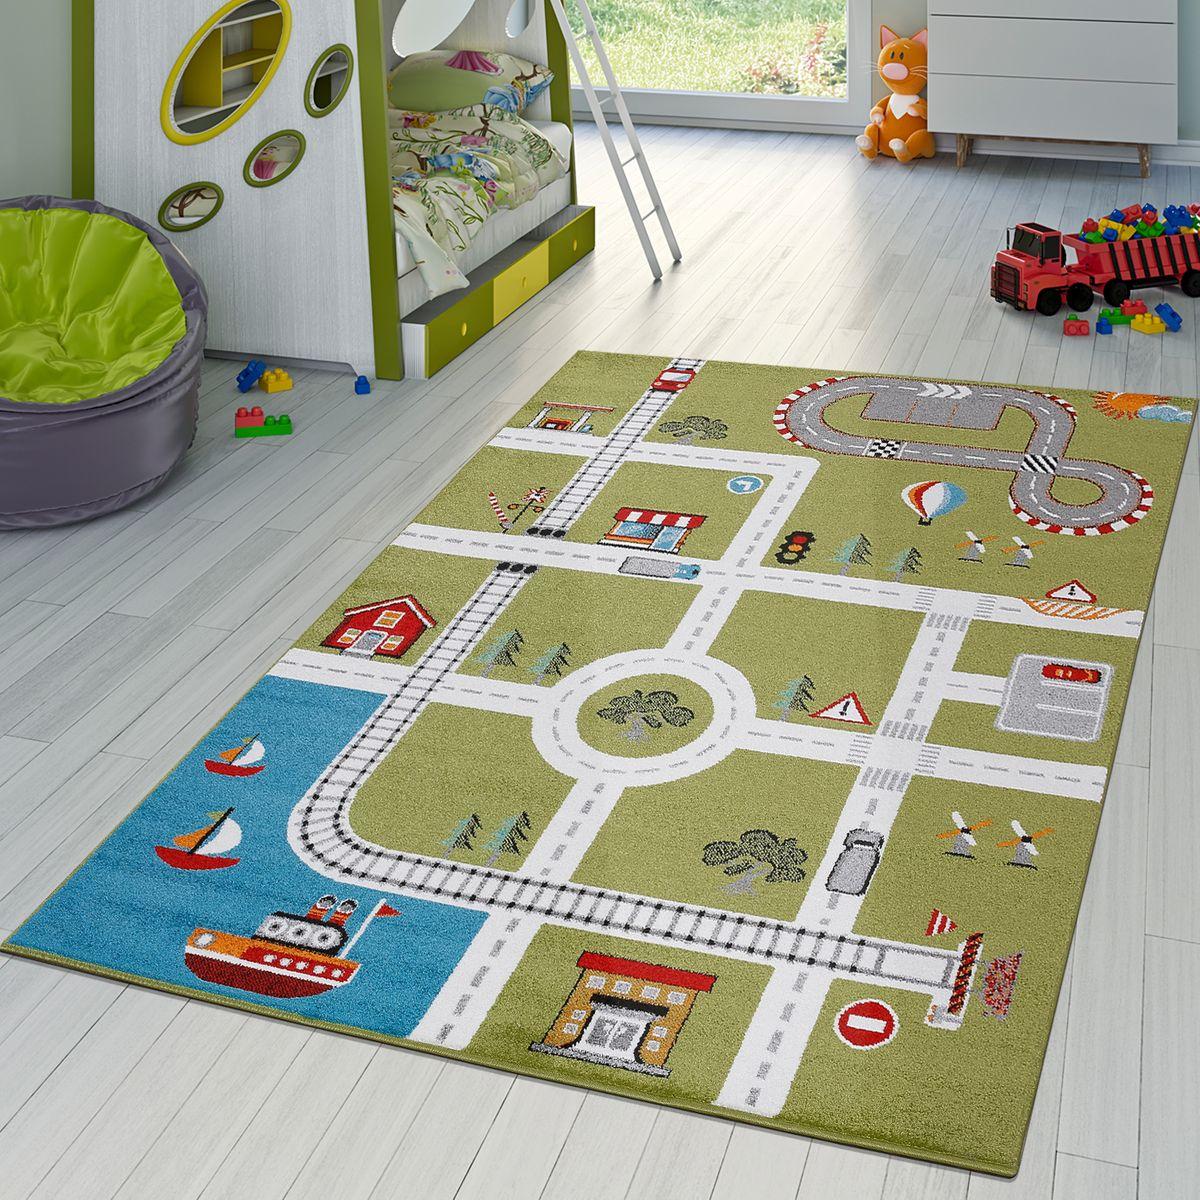 Full Size of Teppiche Kinderzimmer Teppich City Hafen Spielteppich Teppichmax Regal Weiß Sofa Wohnzimmer Regale Kinderzimmer Teppiche Kinderzimmer